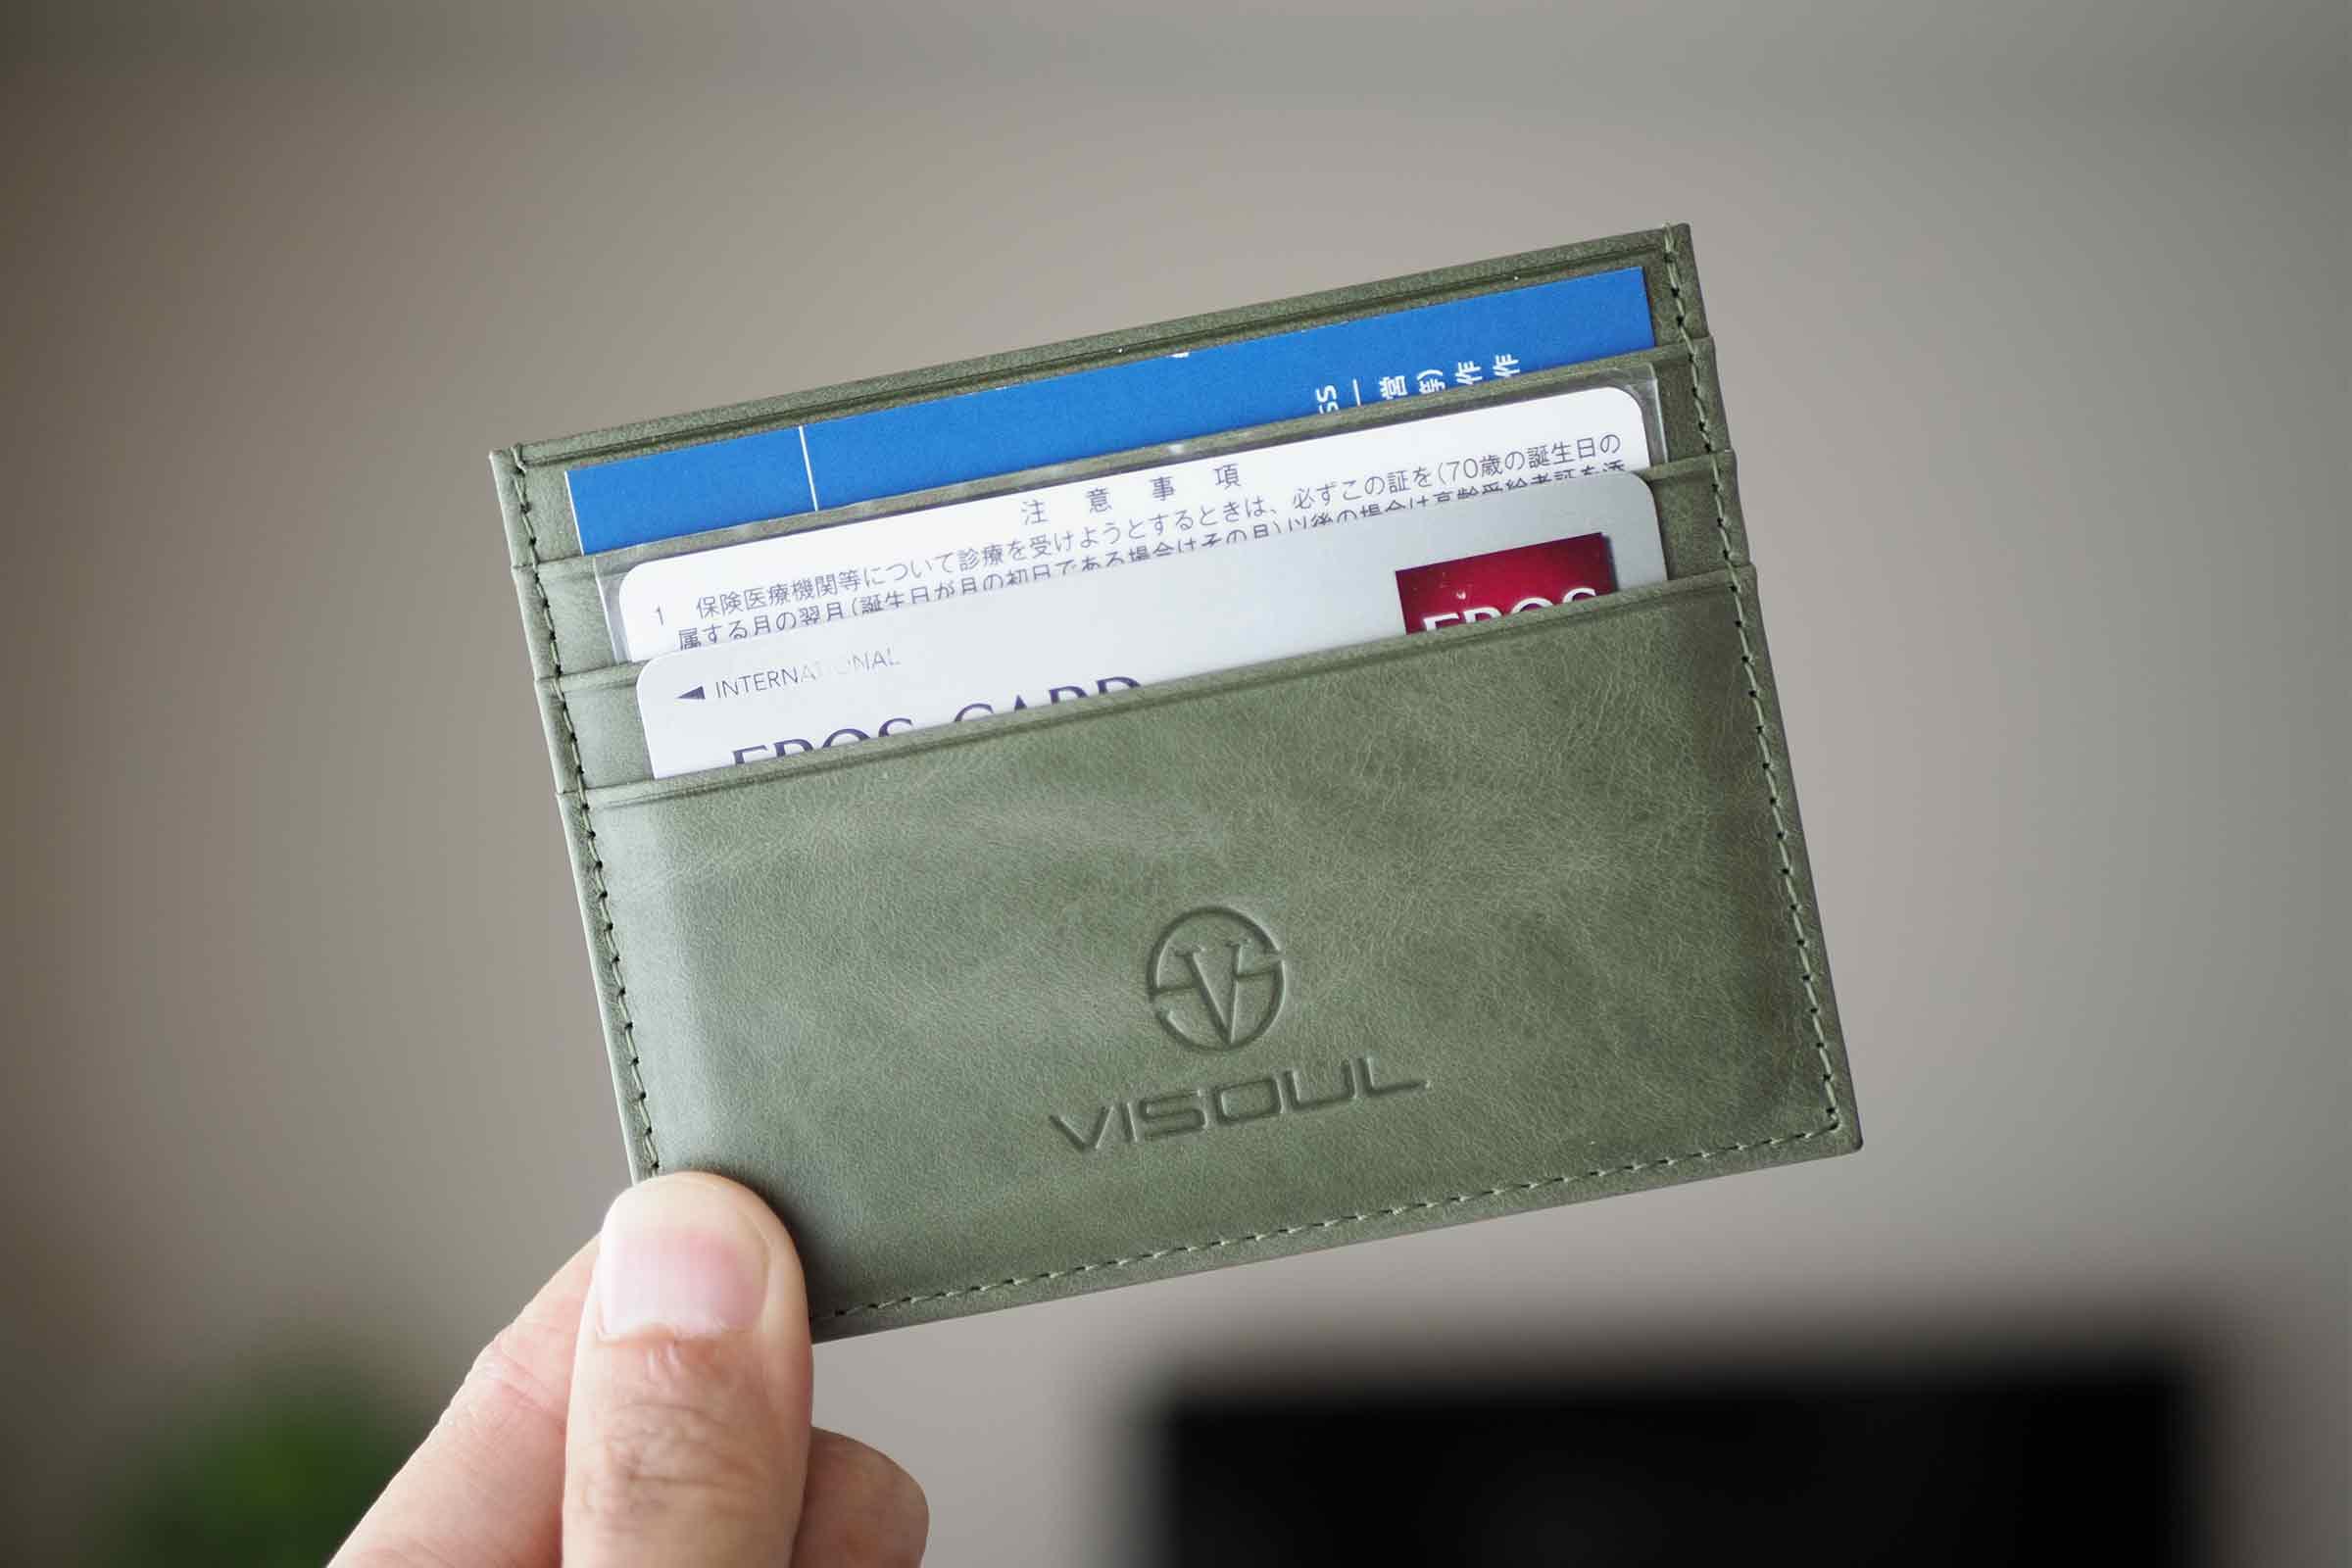 カードケース,VISOUL,小さい,薄い,安い,コンパクト,本革,牛皮,大人,シンプル,免許証